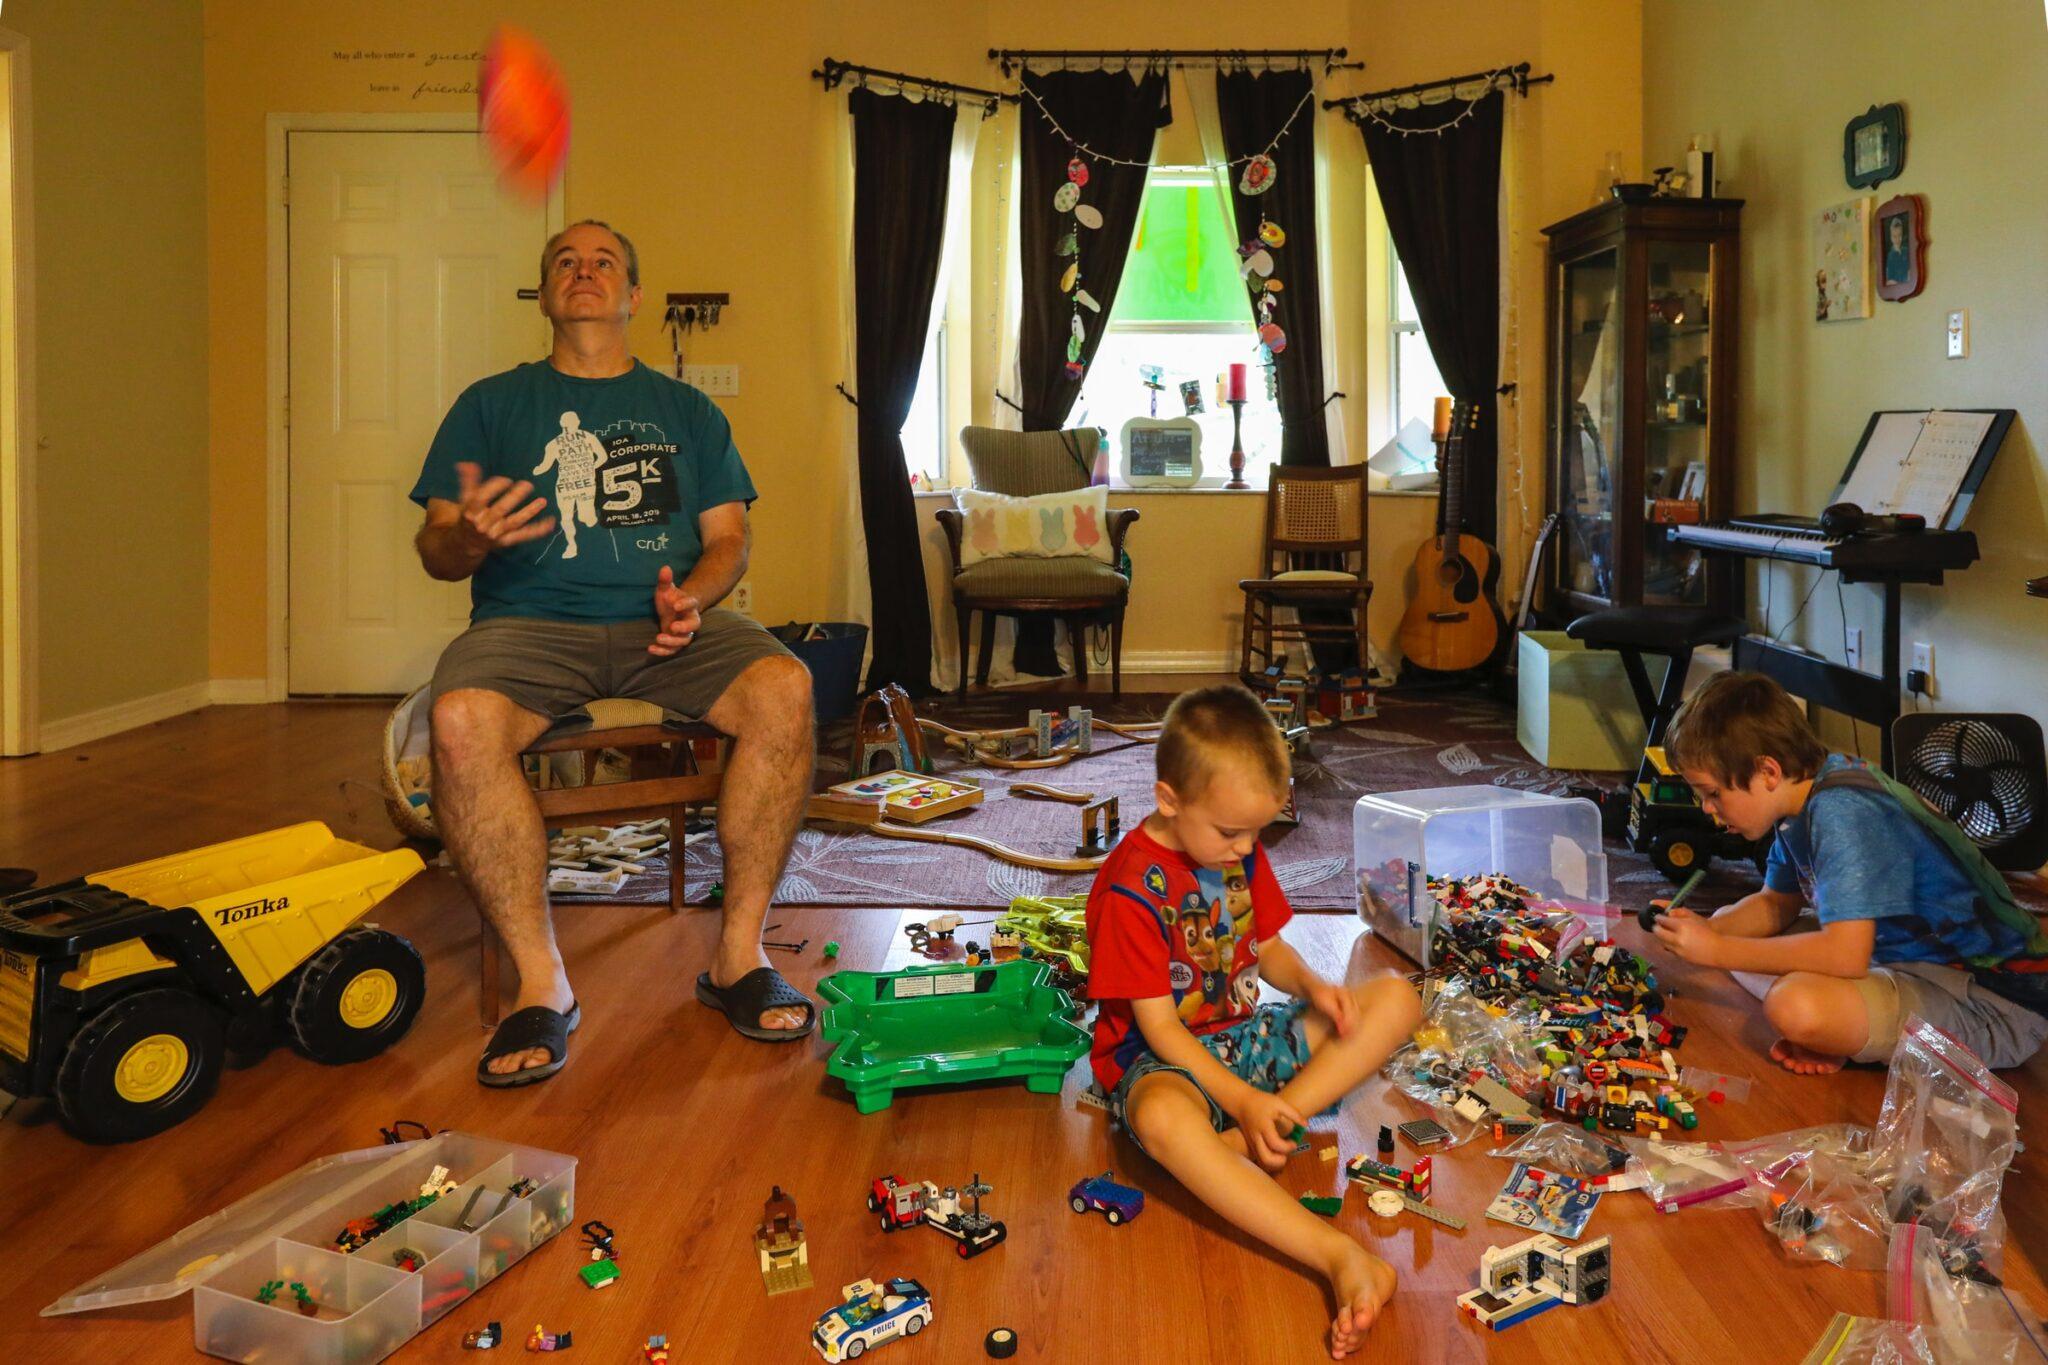 Kinder spielen im Wohnzimmer, ein Mann wirft etwas Rotes hoch.